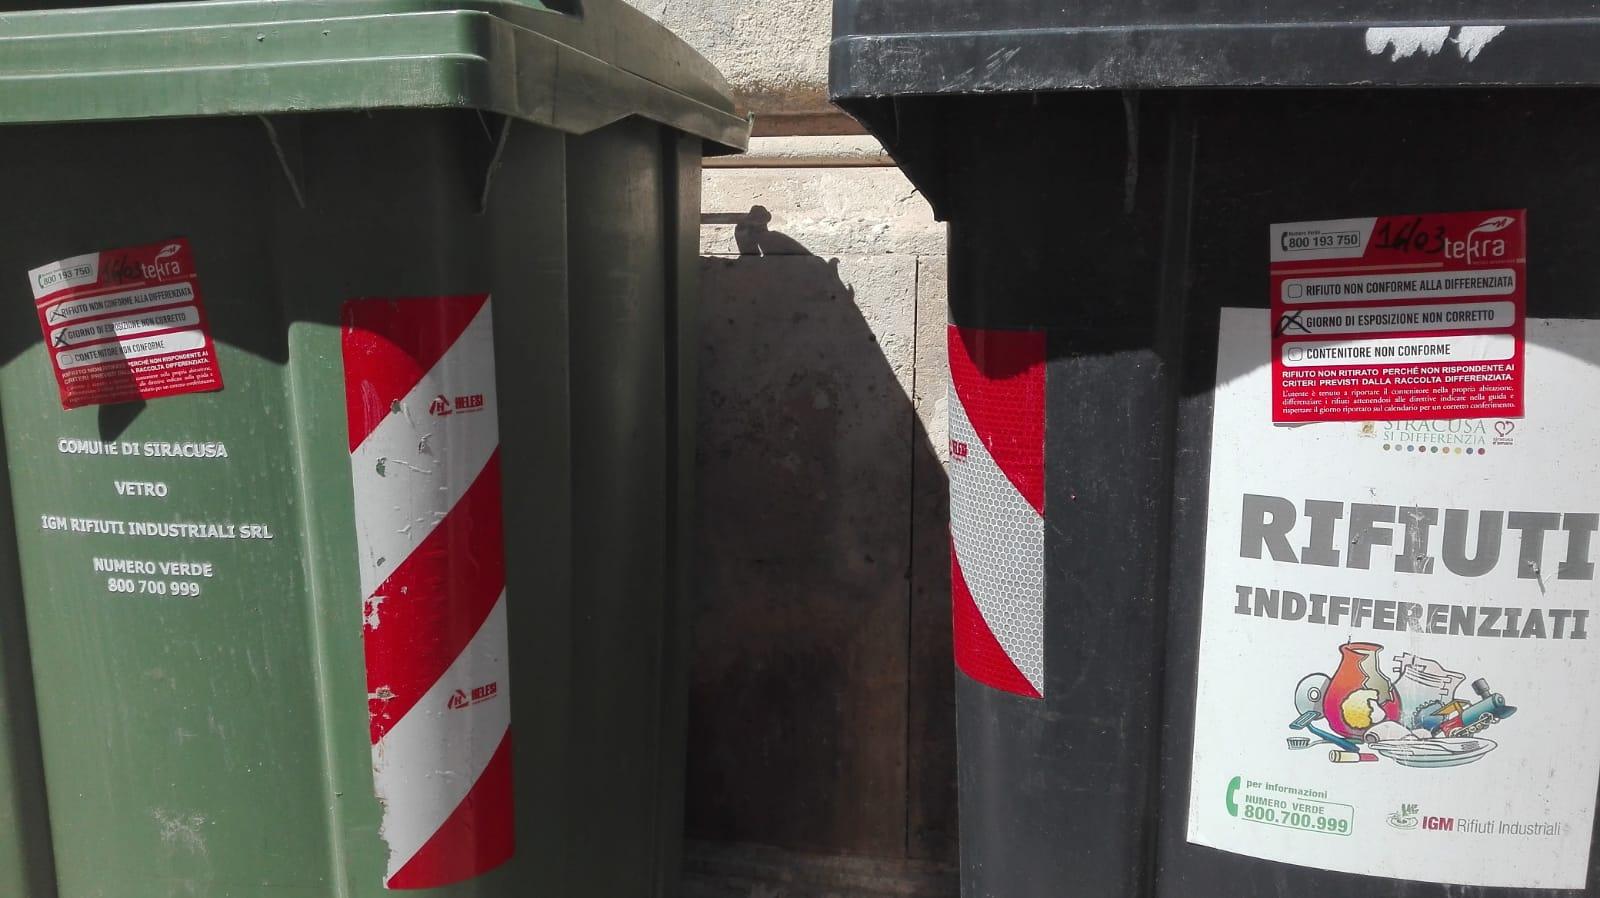 Raccolta Differenziata Siracusa Calendario 2019.Siracusa Il Porta A Porta Futuro Si Alle Zone Balneari